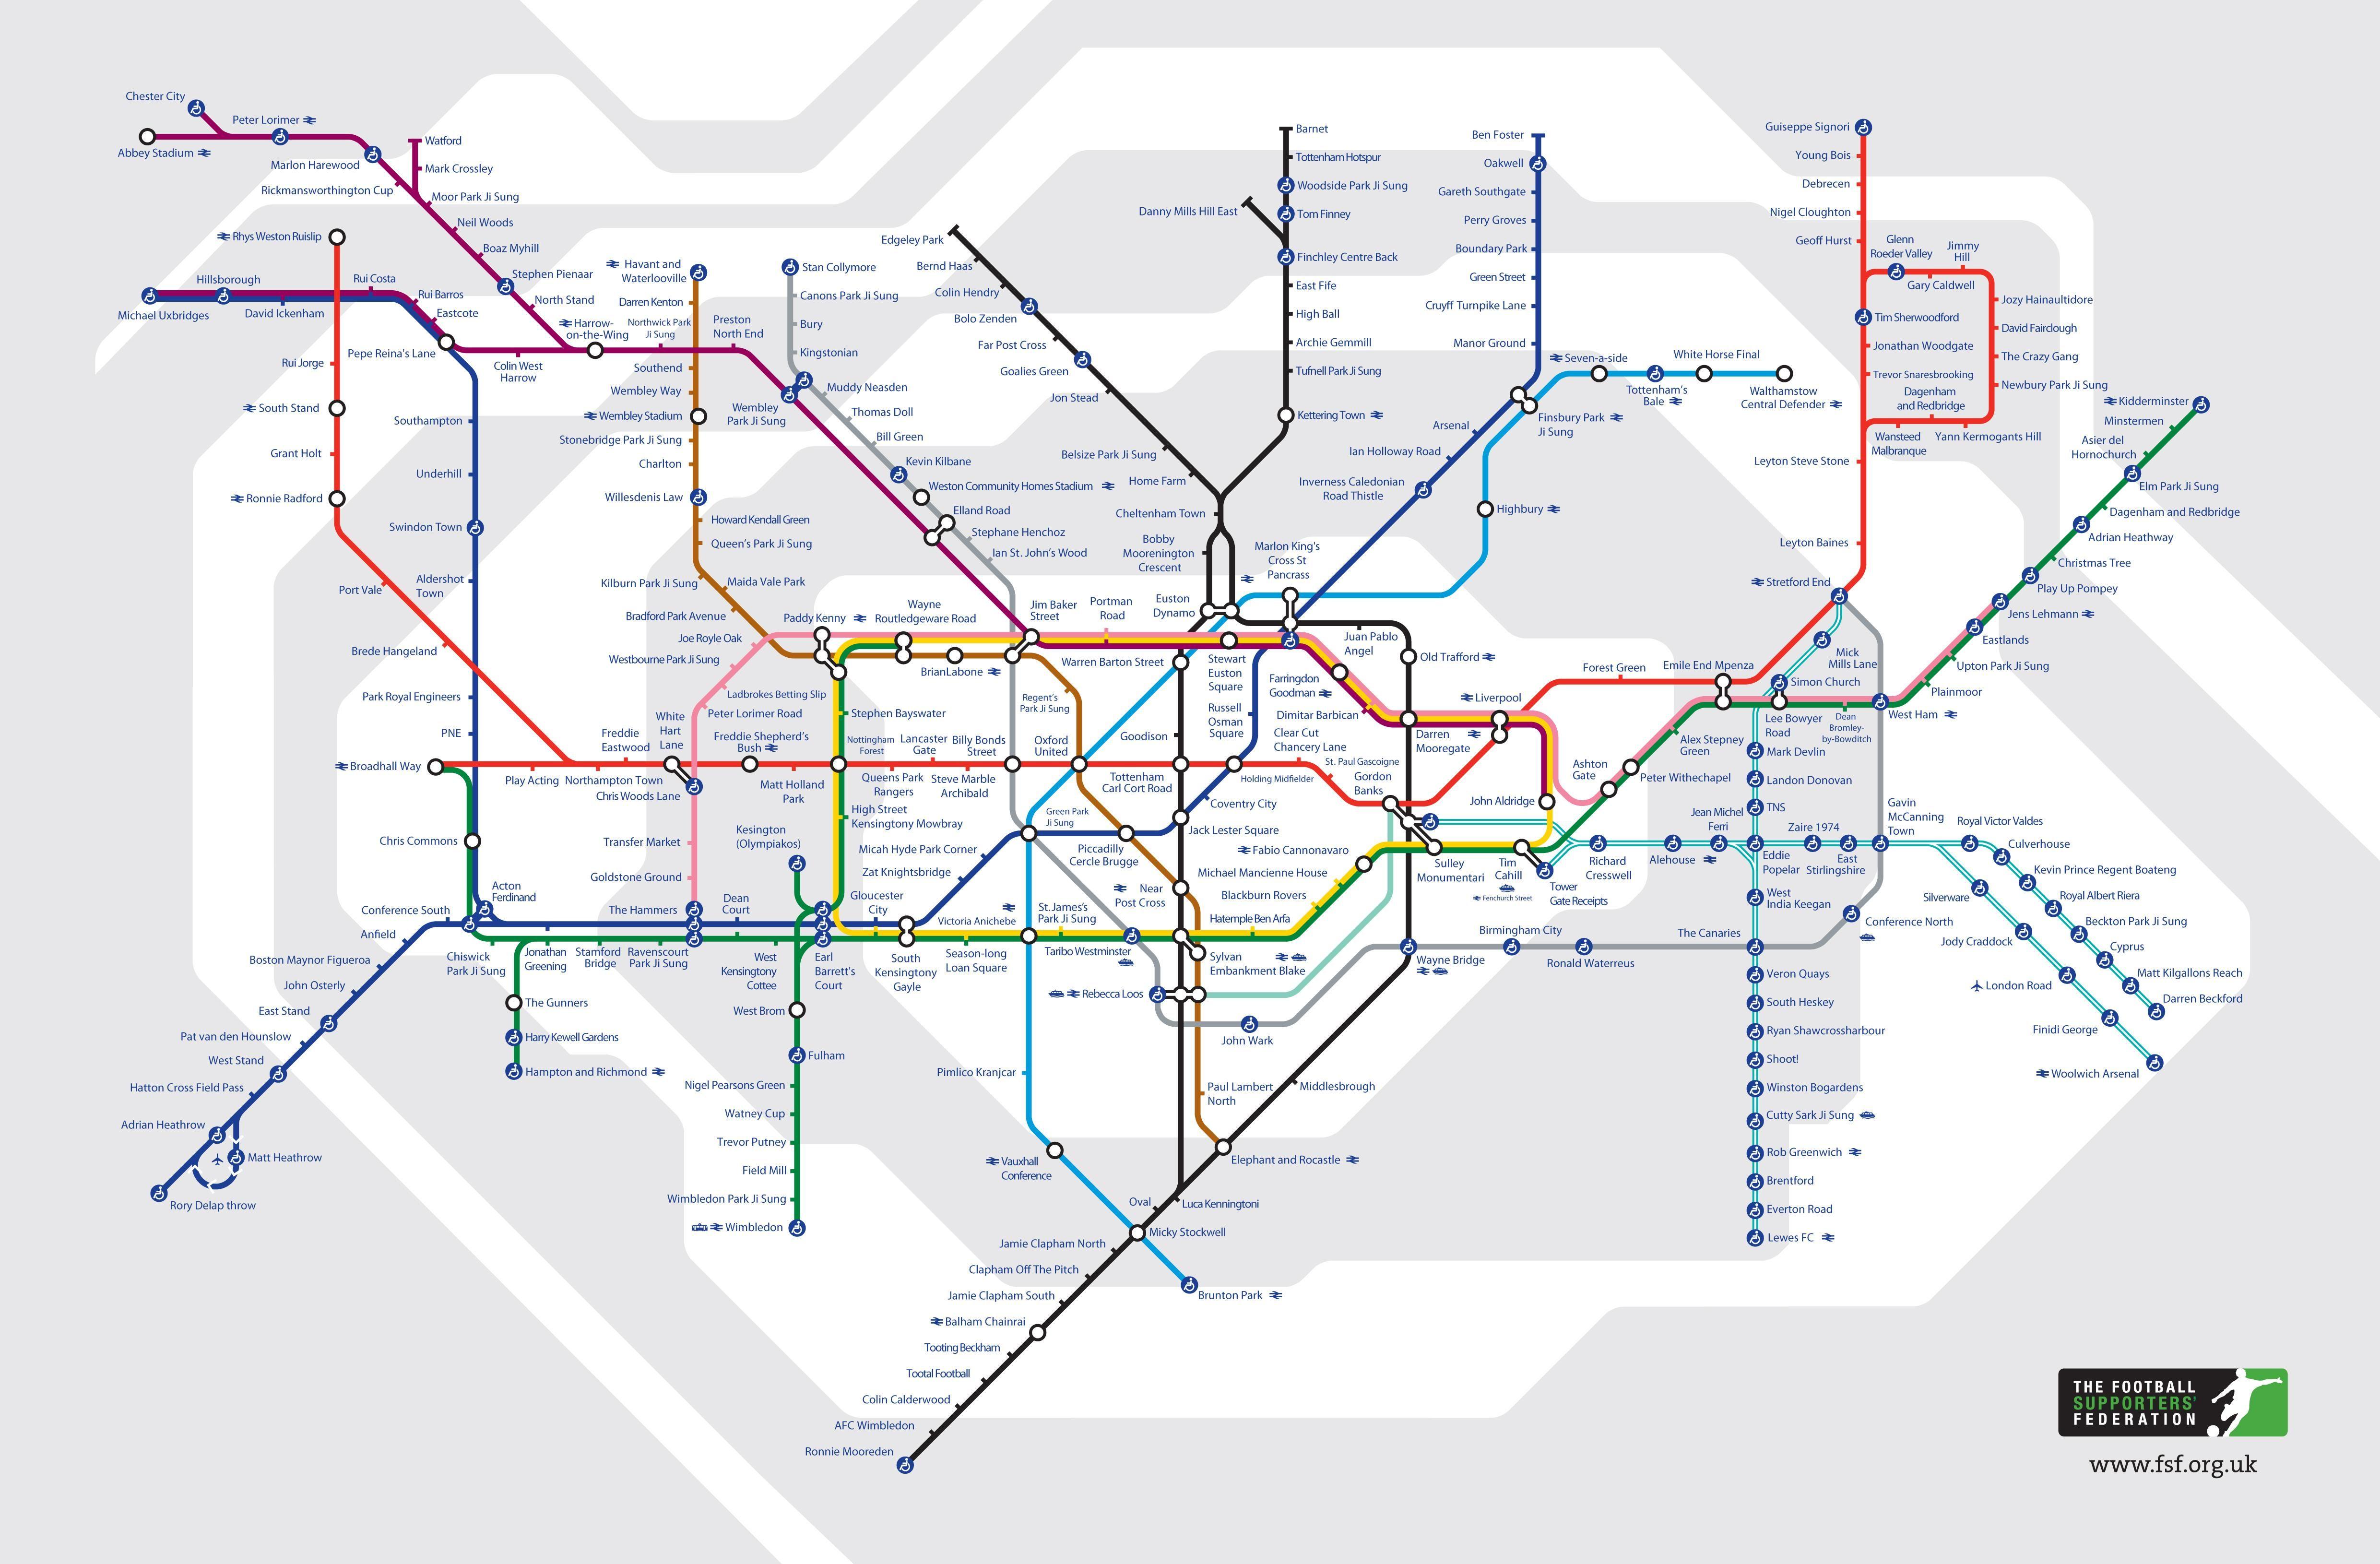 London underground 14 alternative tube maps london underground london underground 14 alternative tube maps gumiabroncs Choice Image